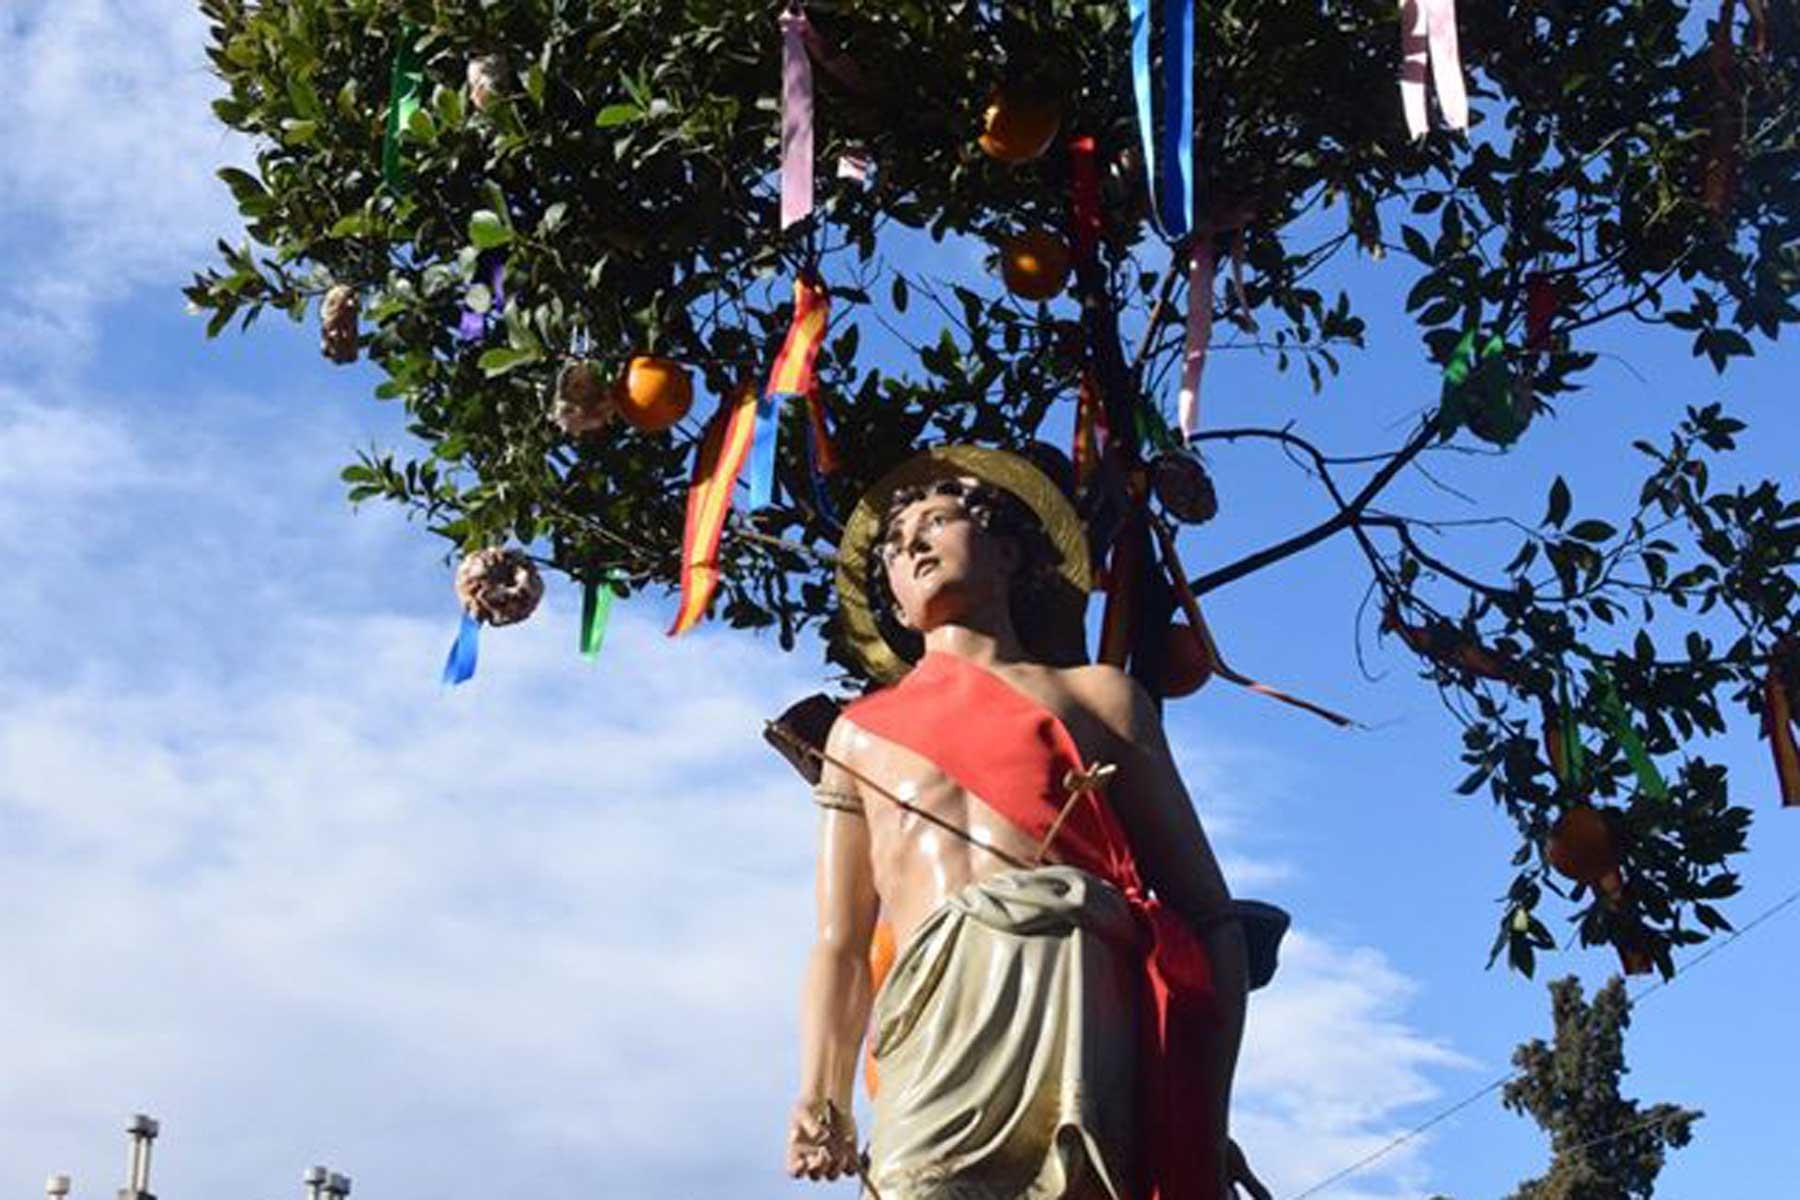 La celebración oficial arranca el 20 de enero, día grande en el que se conmemora al patrón de la ciudad